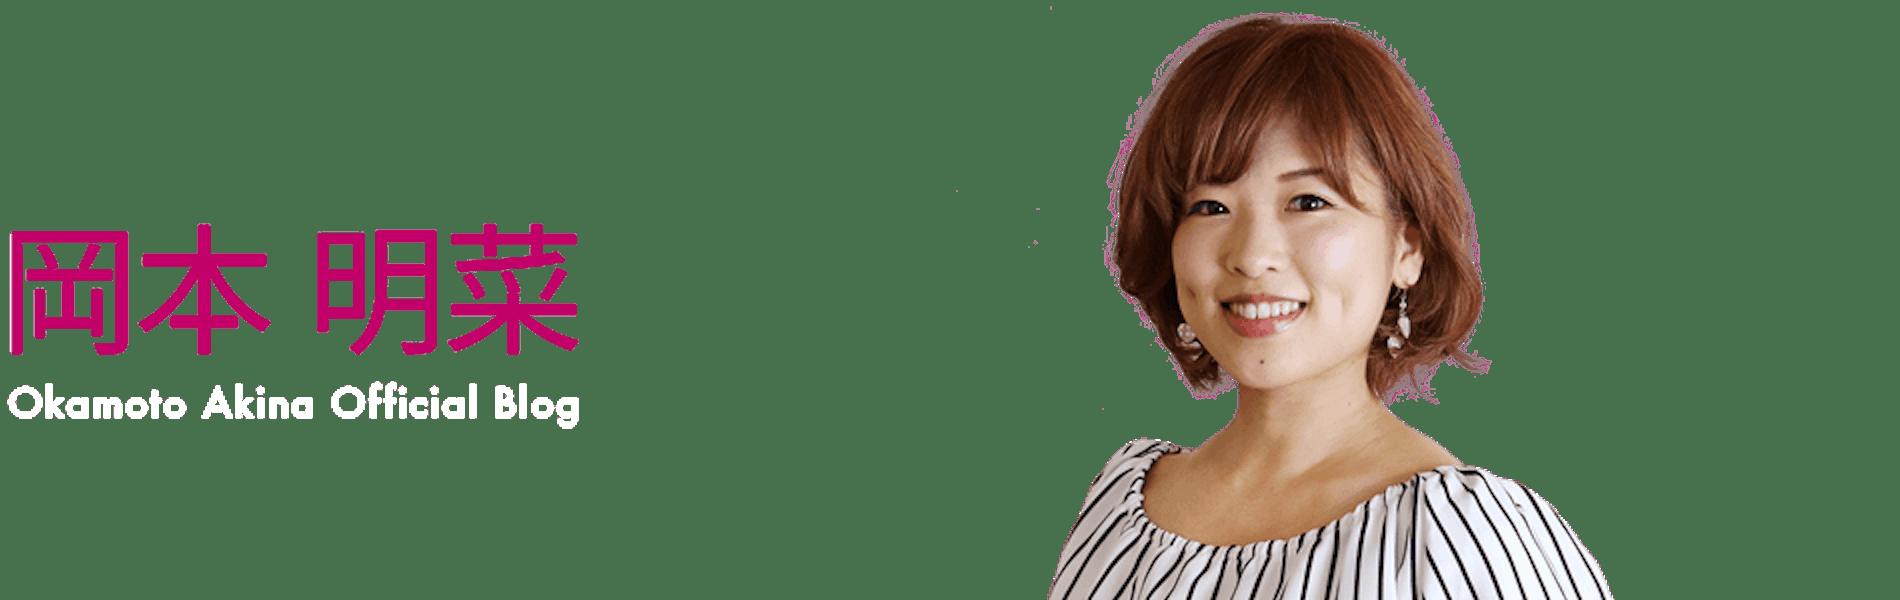 岡本明菜 オフィシャルブログ